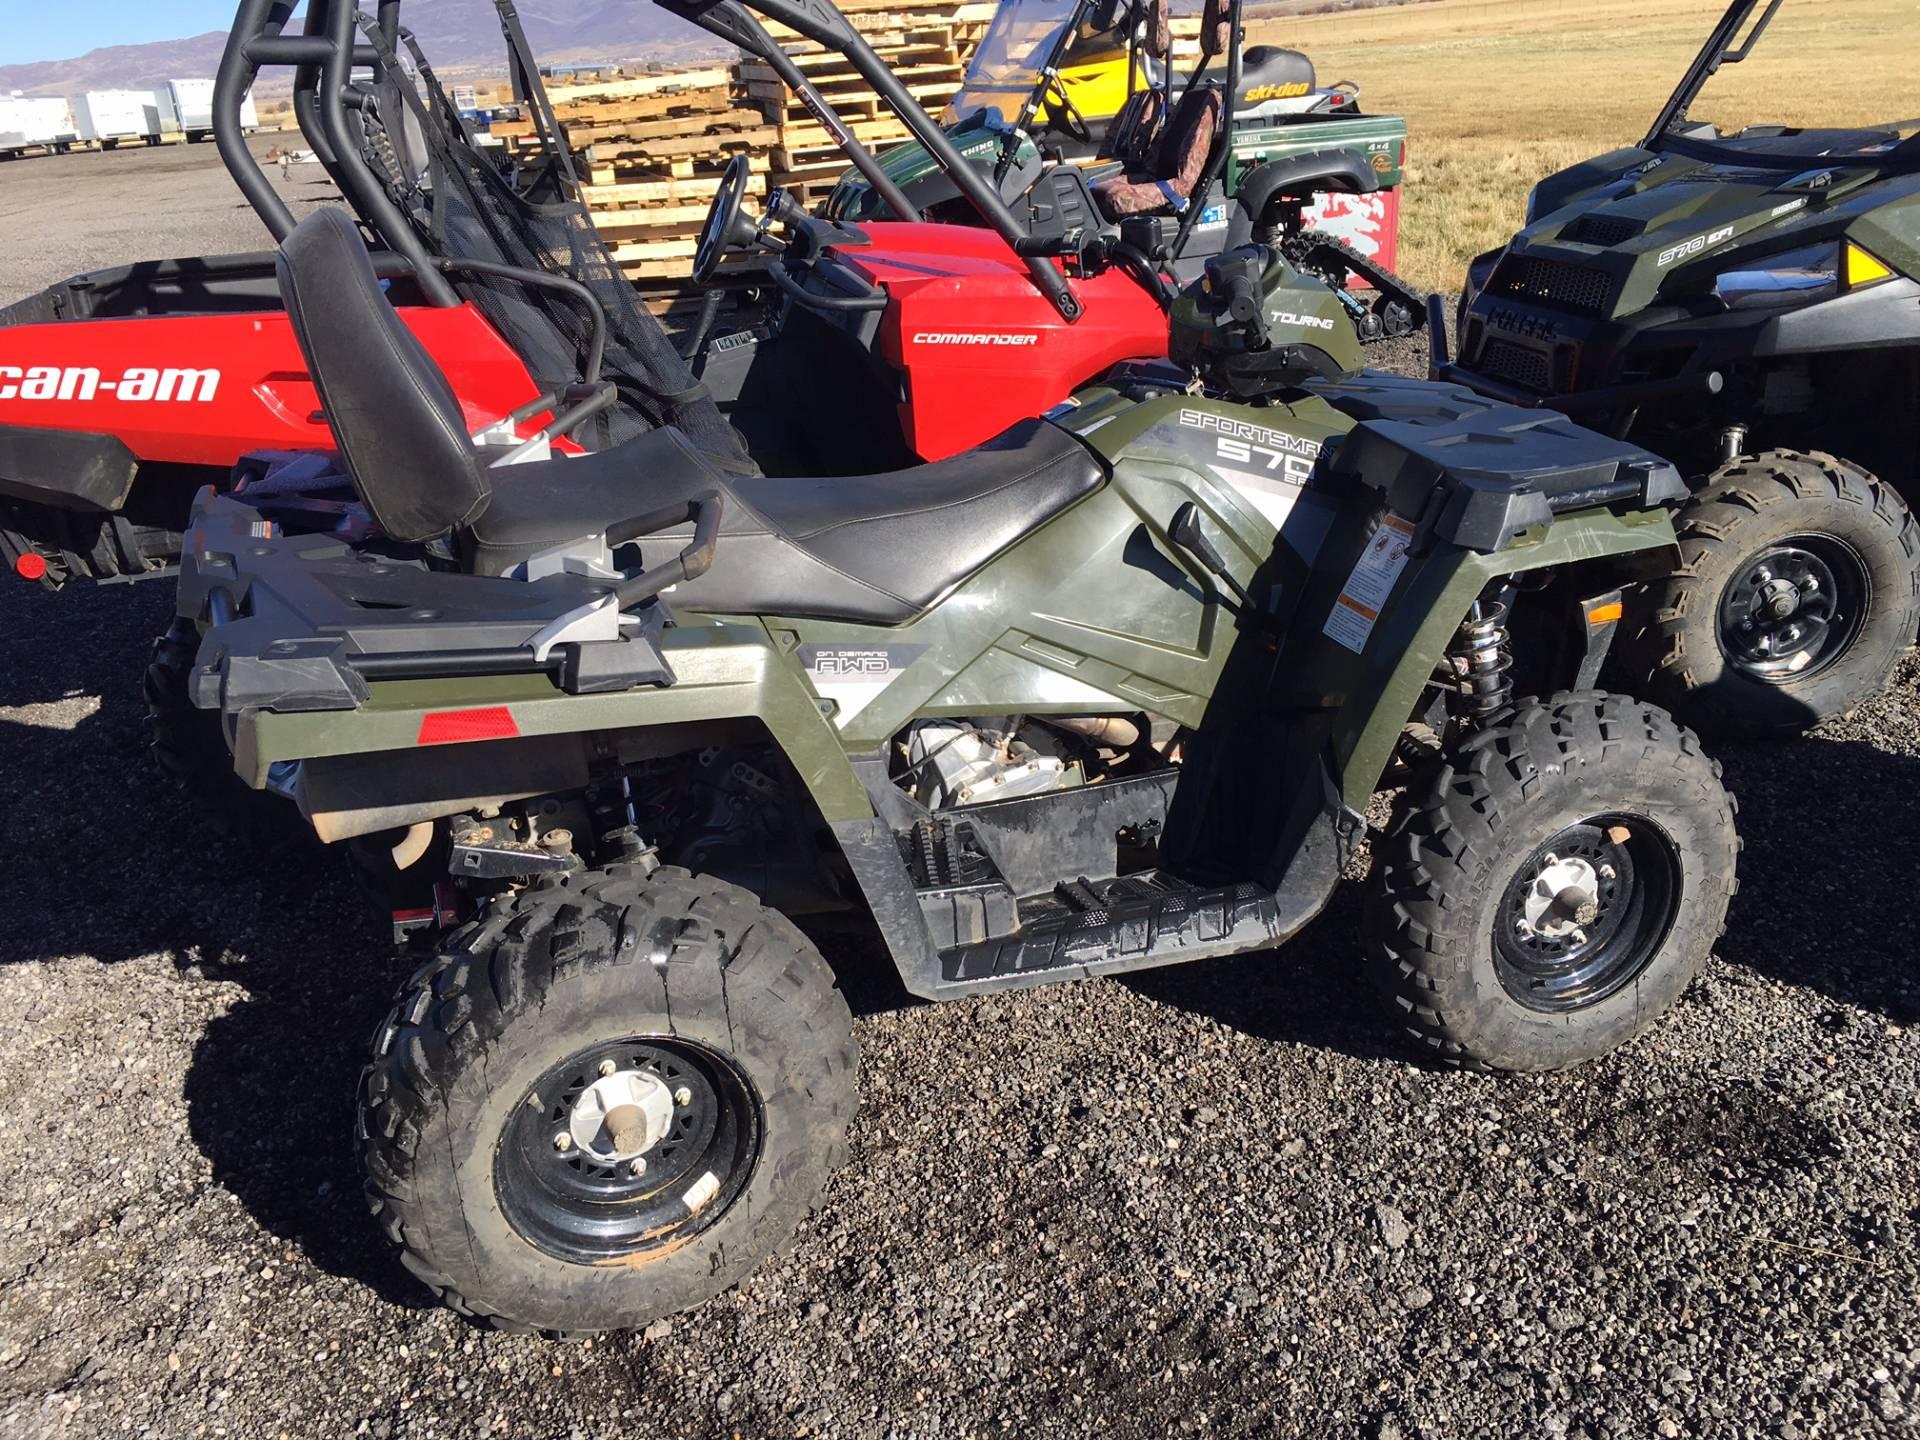 2016 Polaris Sportsman Touring 570 in Kamas, Utah